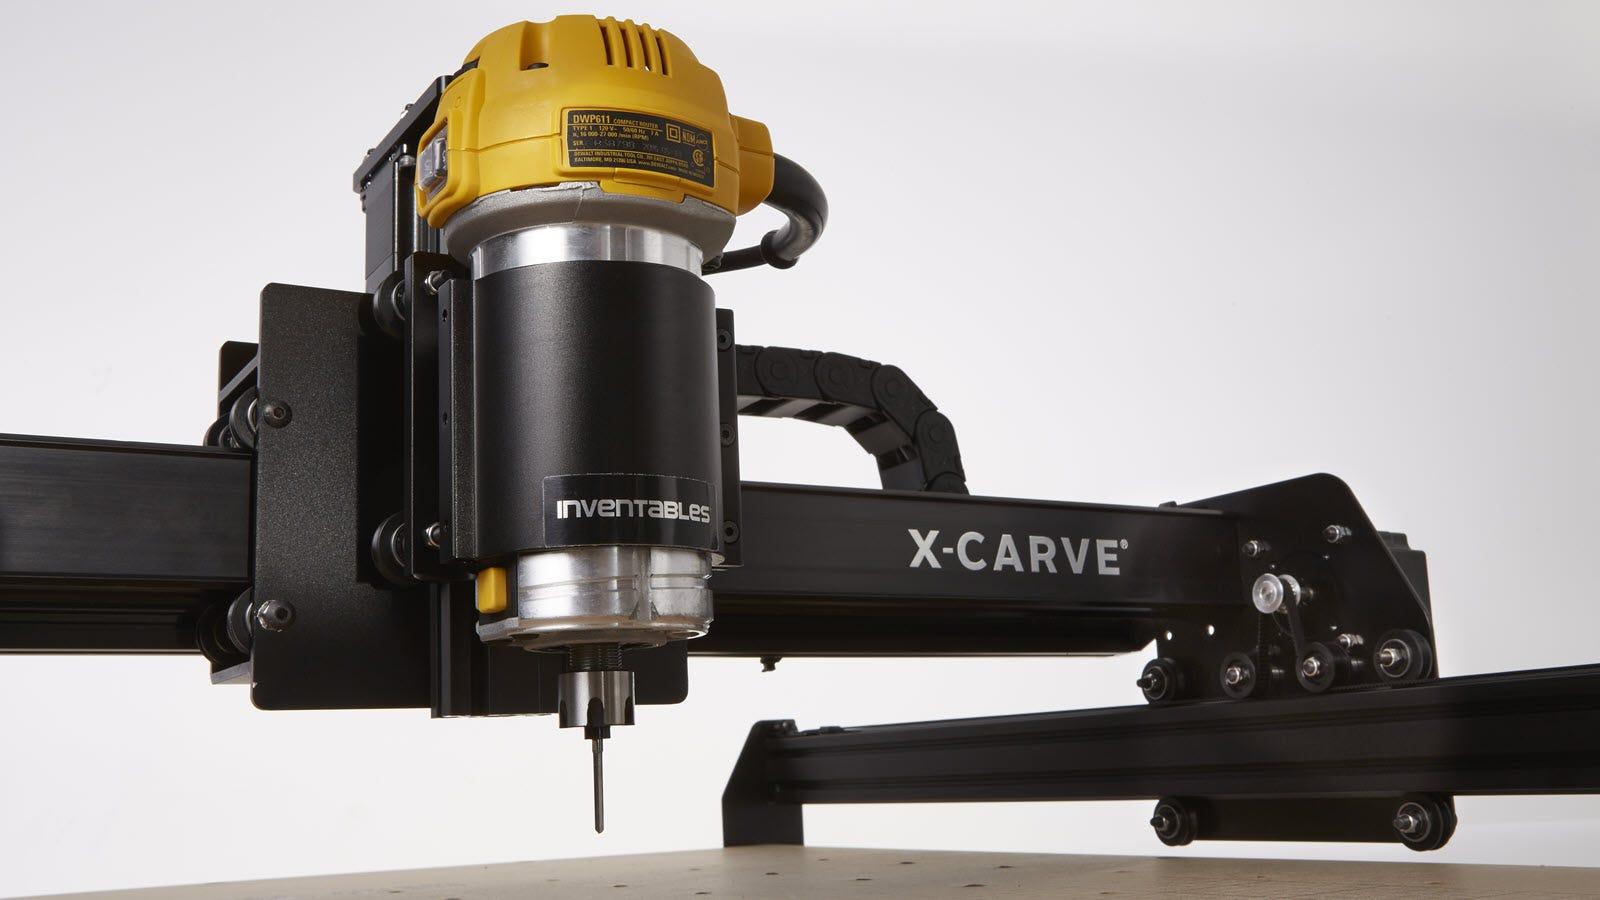 An X-Carve CNC machine with a DeWalt router.